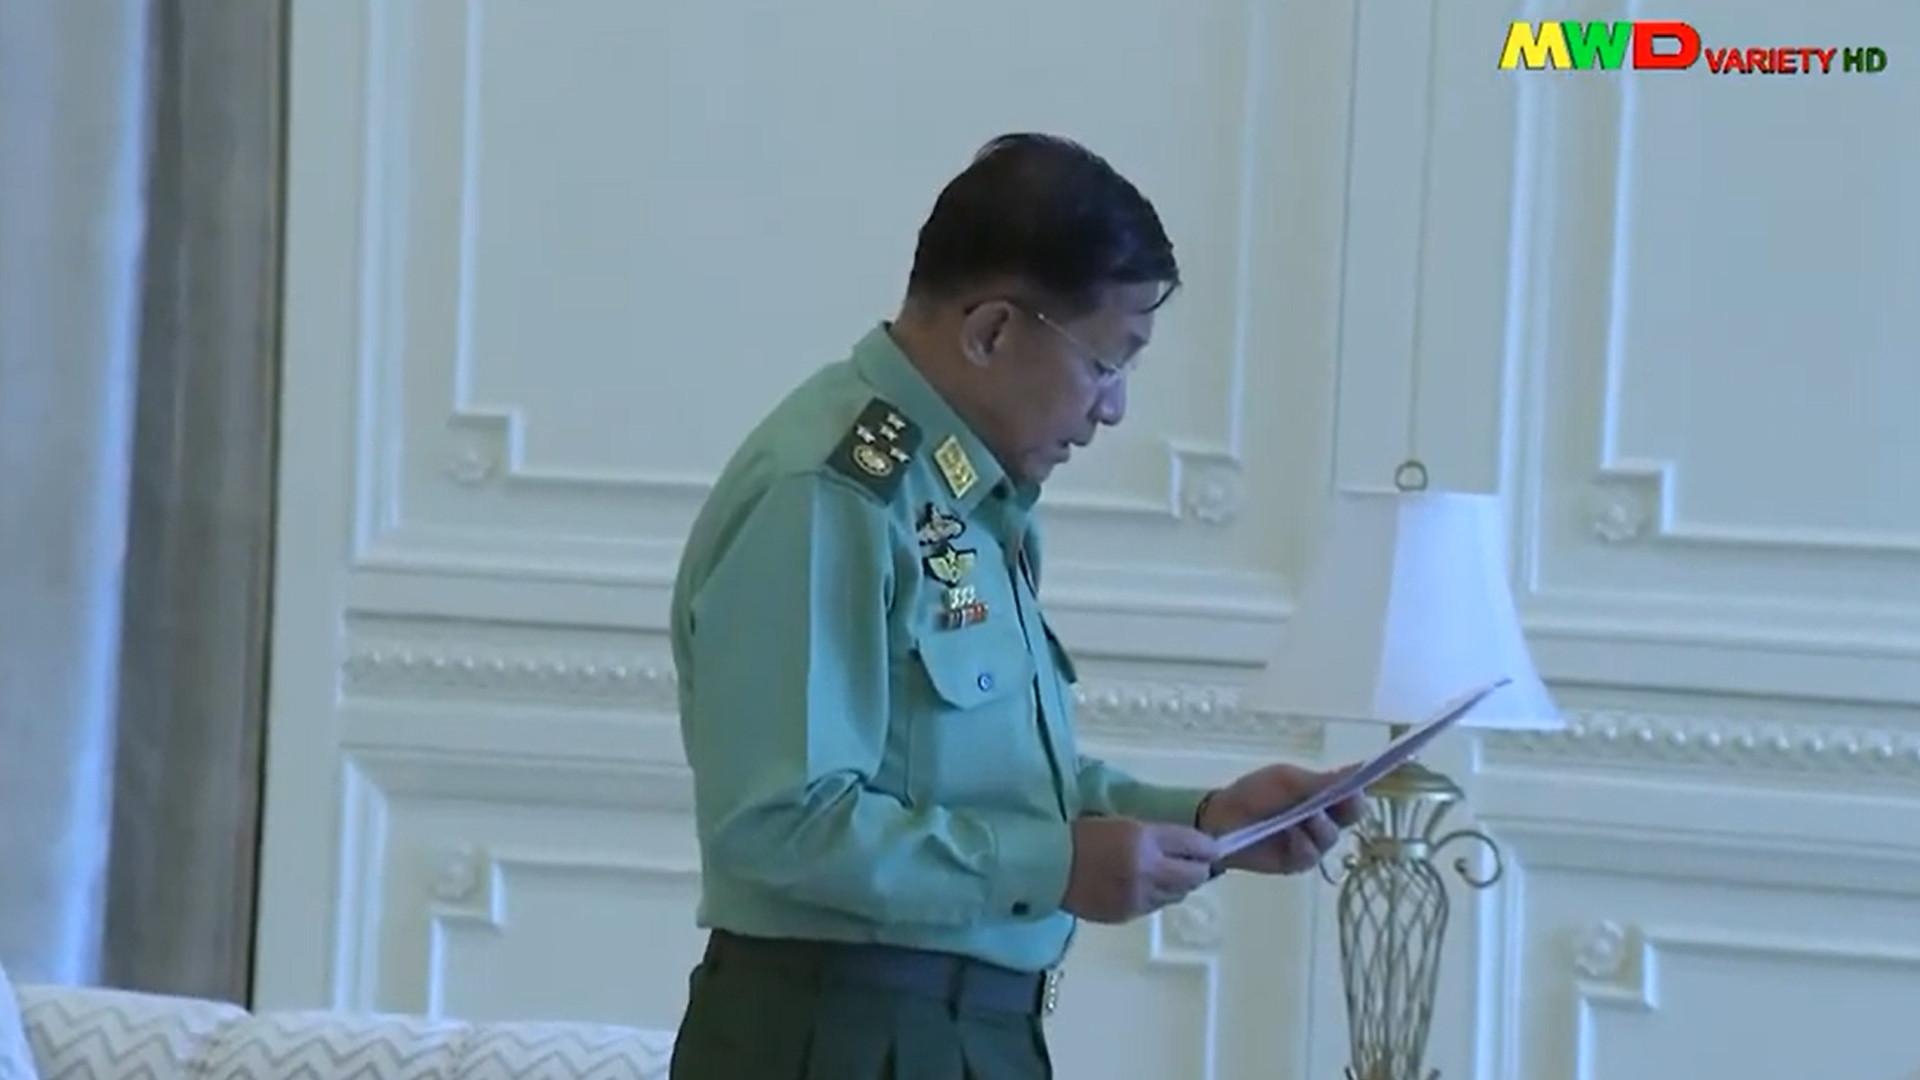 พล.อ.อาวุโส มินอ่องหล่าย ผบ.กองทัพพม่านำคณะนายทหารเข้าพบมิ้นท์ส่วย รักษาการประธานาธิบดี หลังกองทัพพม่ายึดอำนาจ ภาพเผยแพร่ทางเมียวดีทีวีเมื่อคืนวันที่ 1 ก.พ. 64